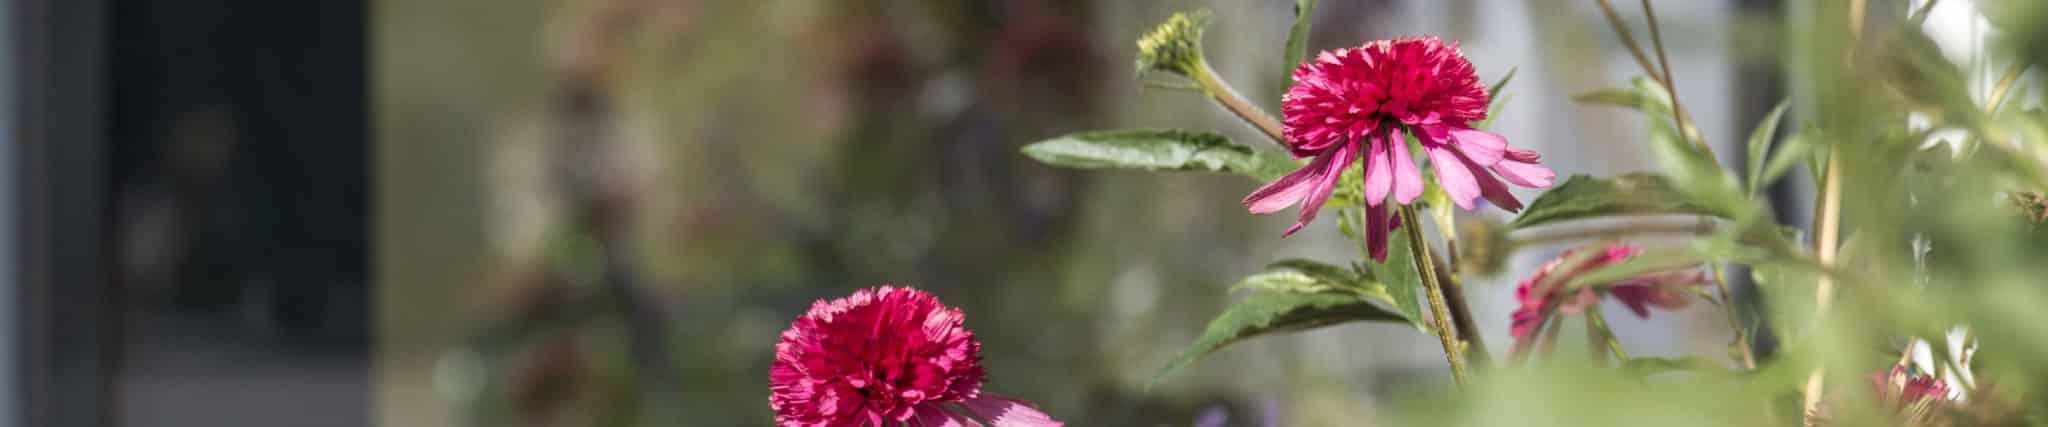 Blumen Innenhof Weingut Jordan